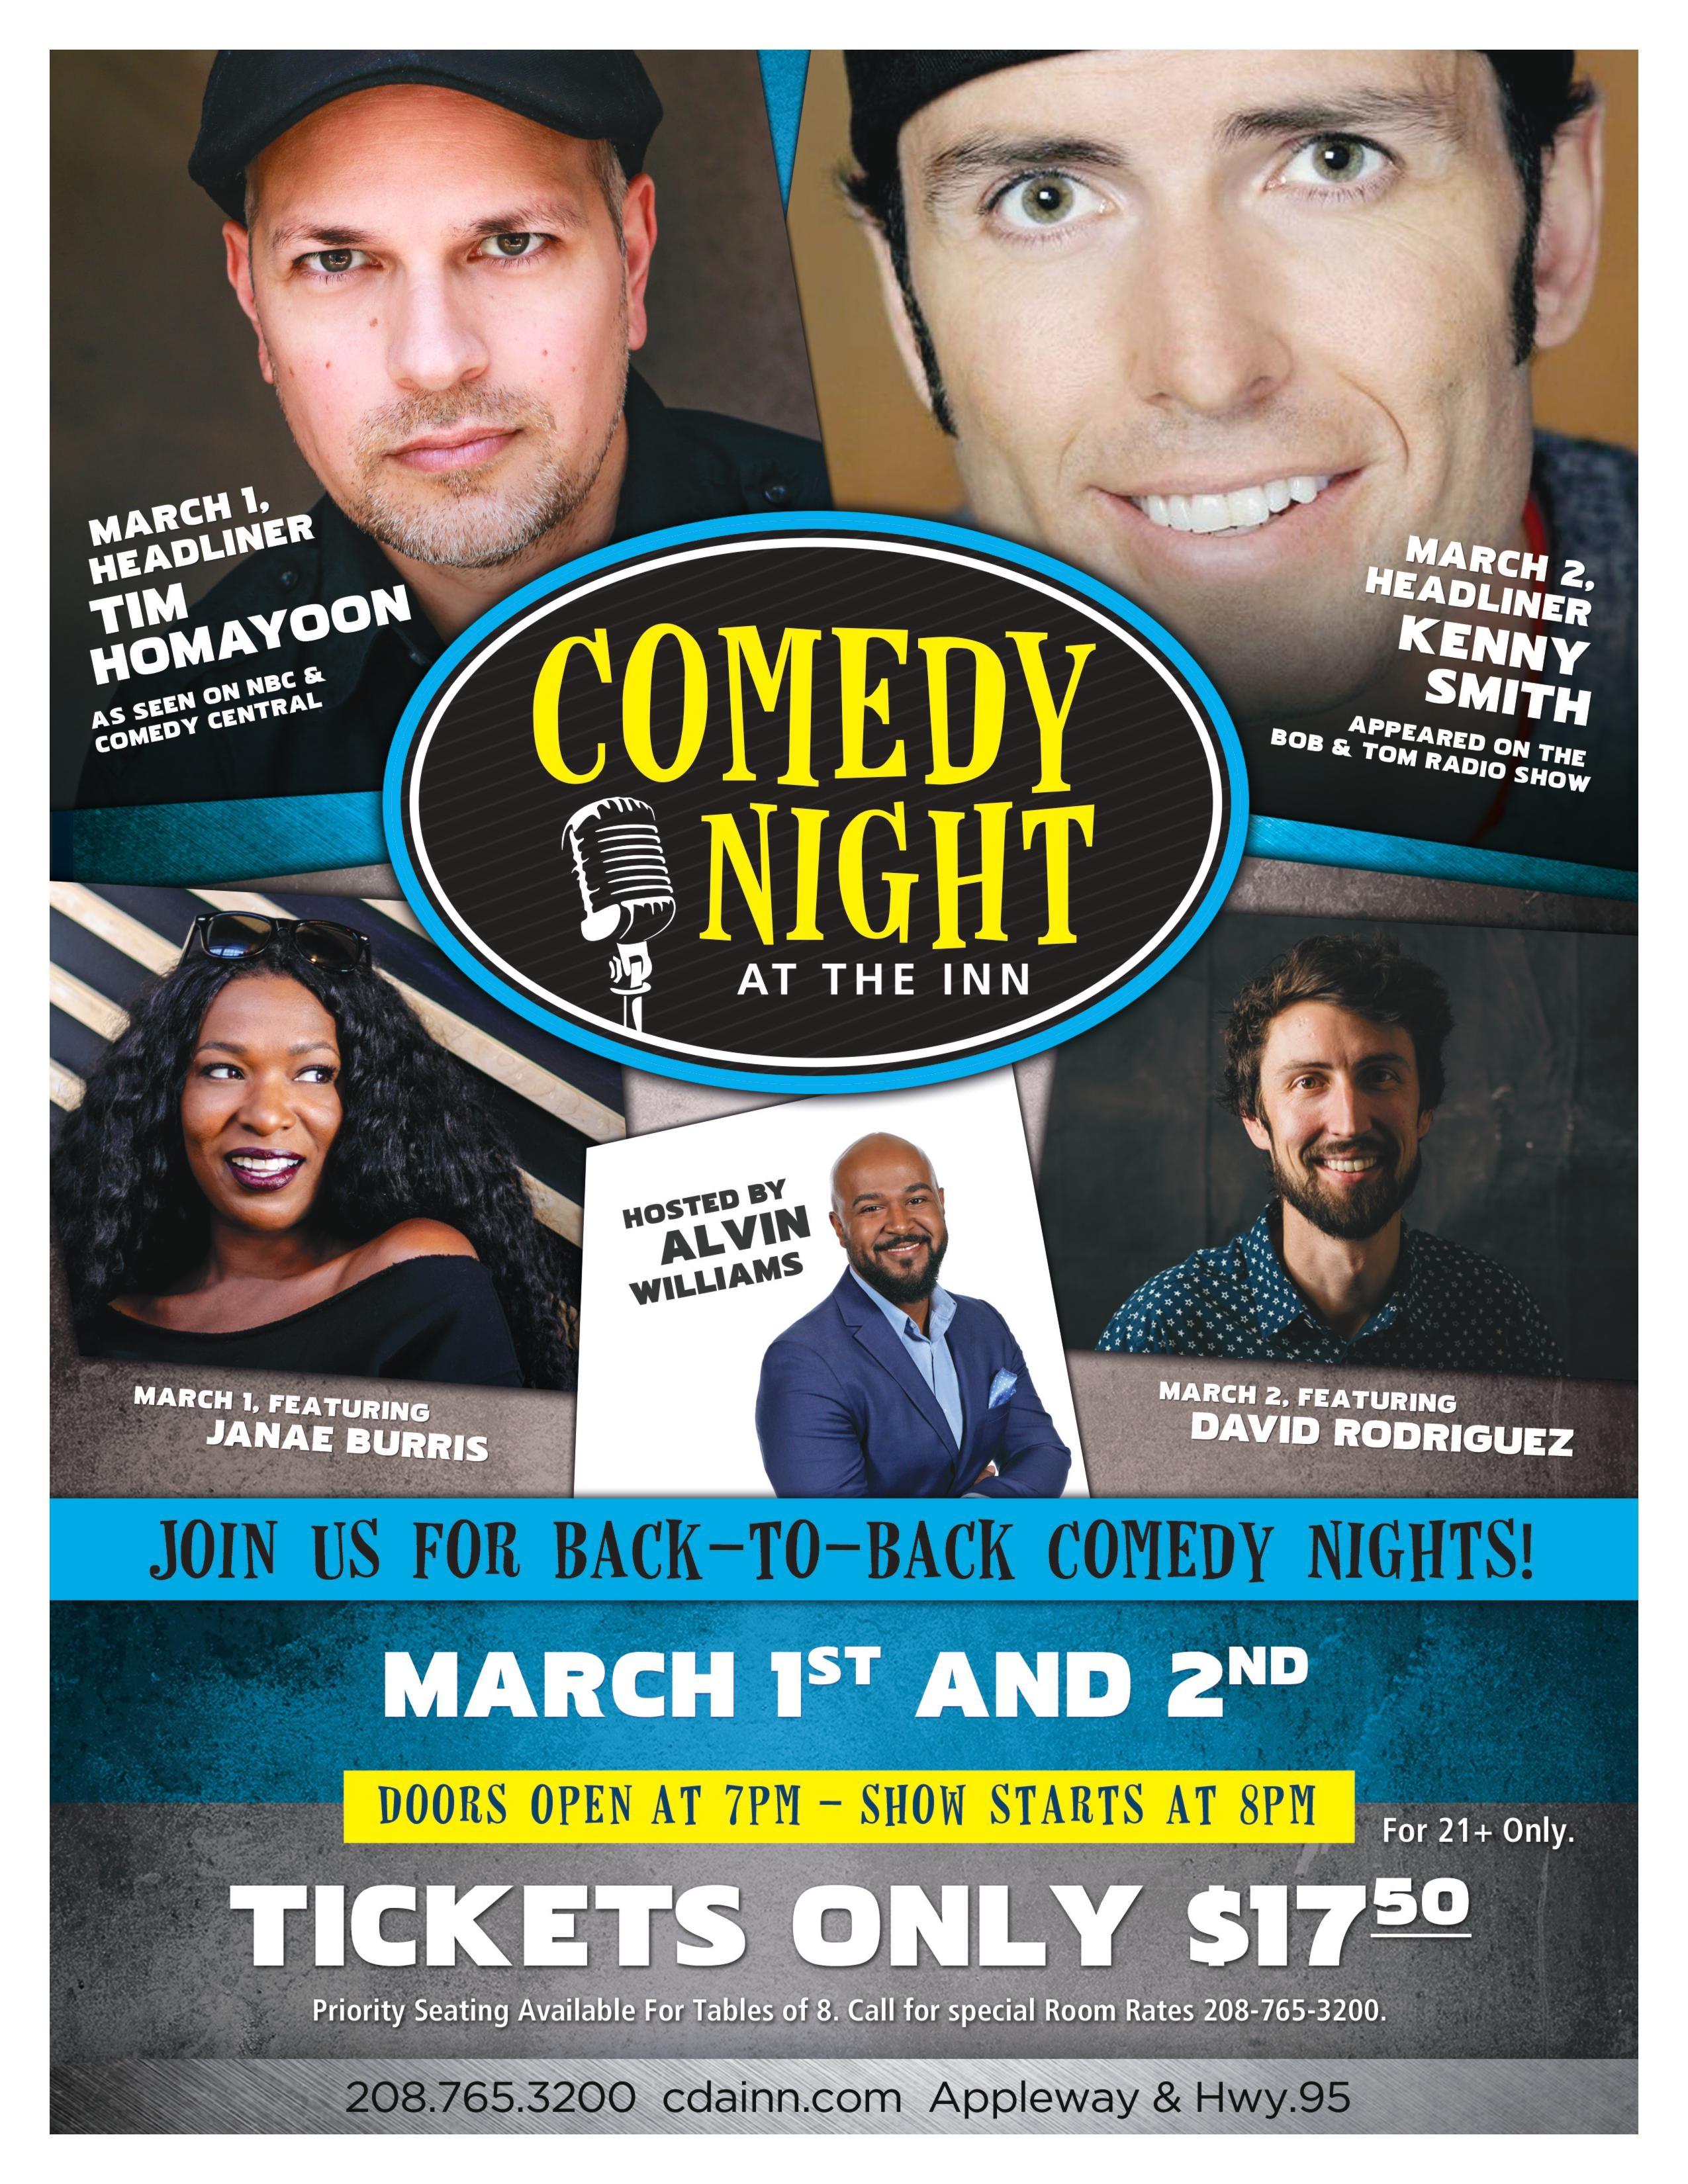 March 2019 edy Nights